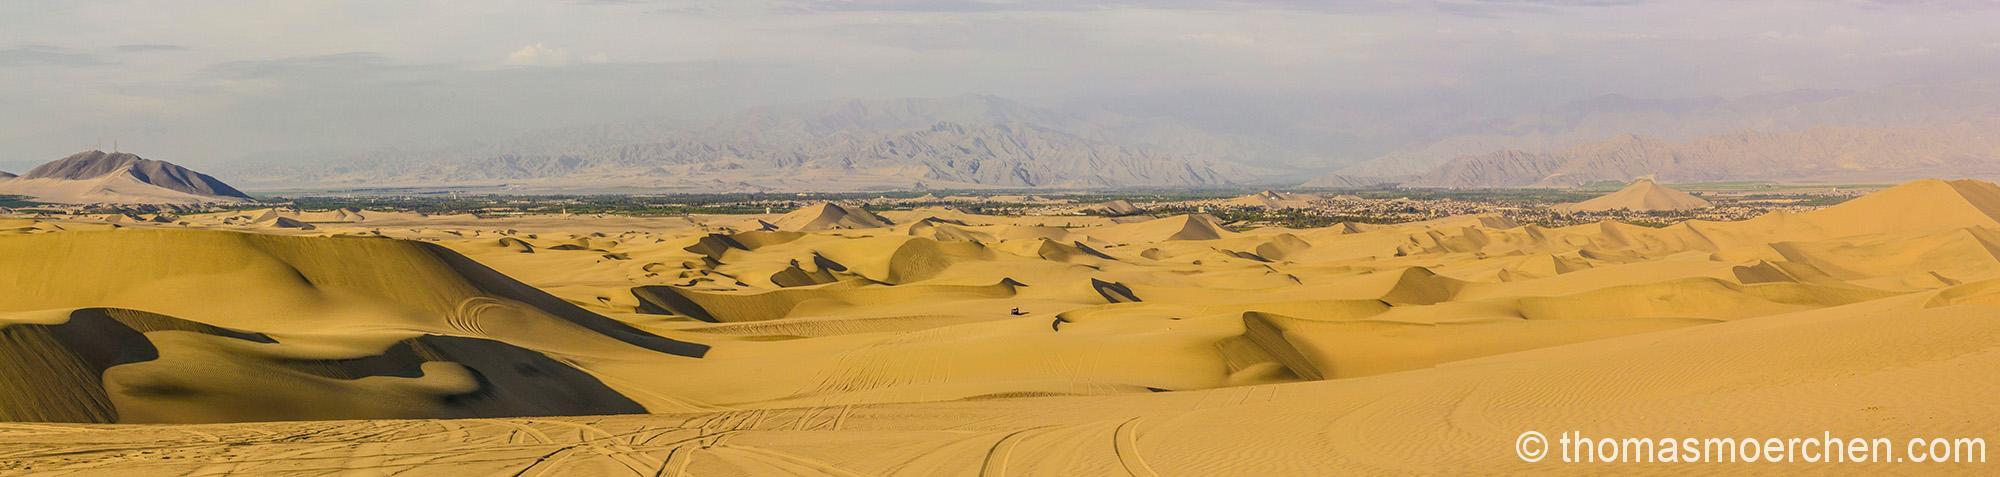 Wüste zwischen Pazifik und Anden bei Huacachine